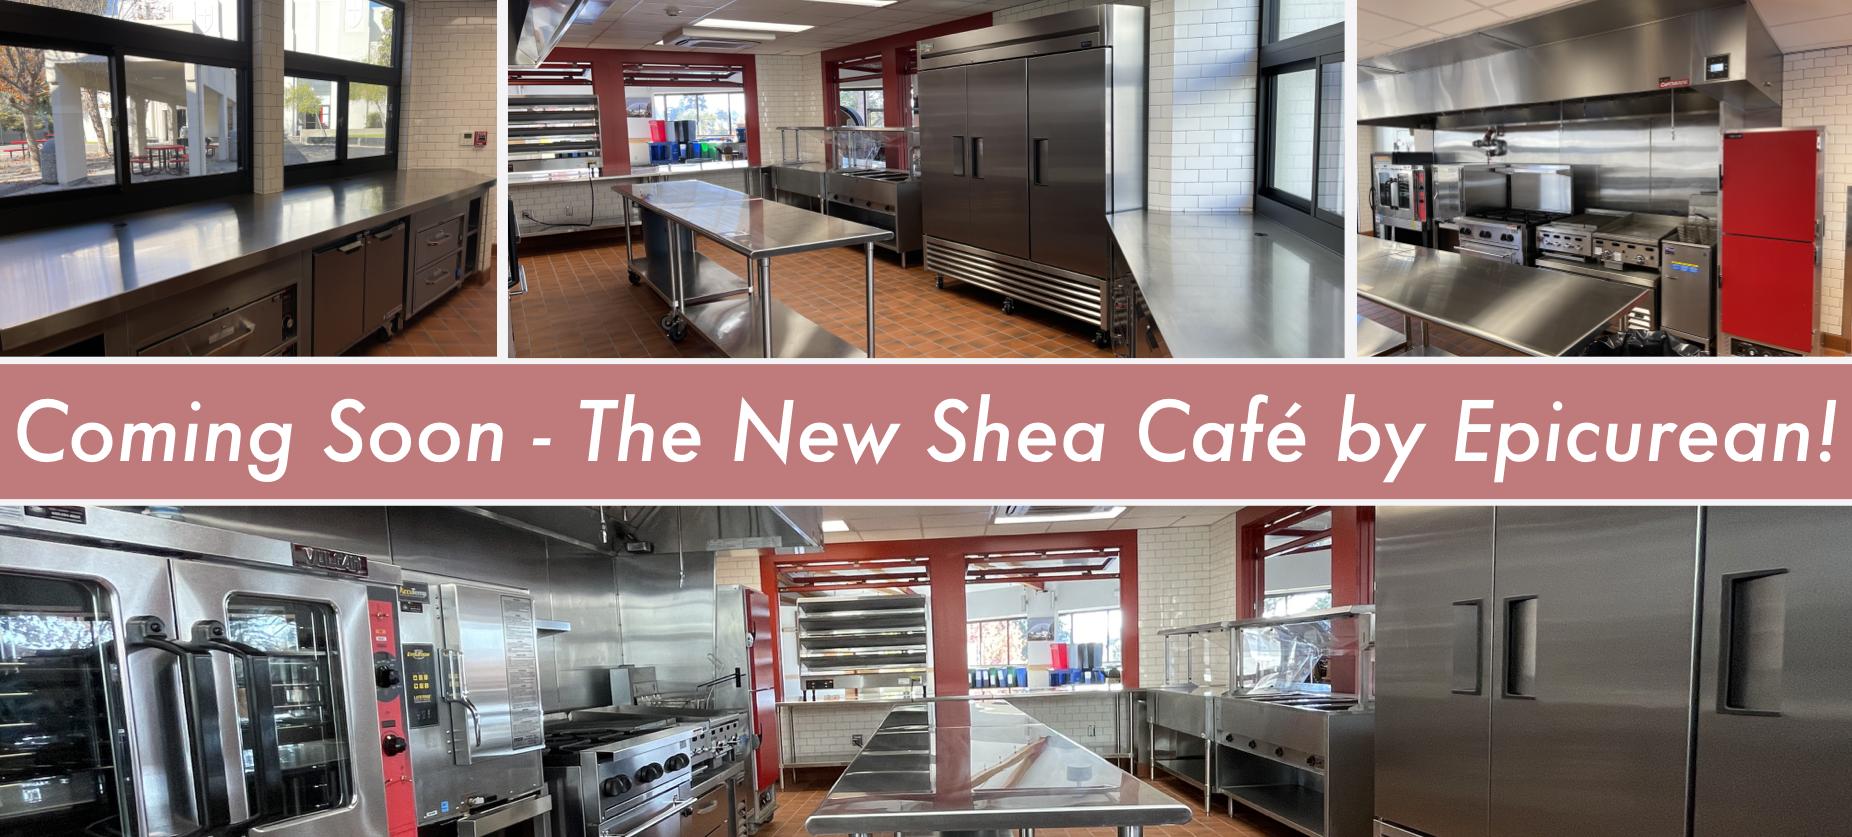 Shea Cafe Image